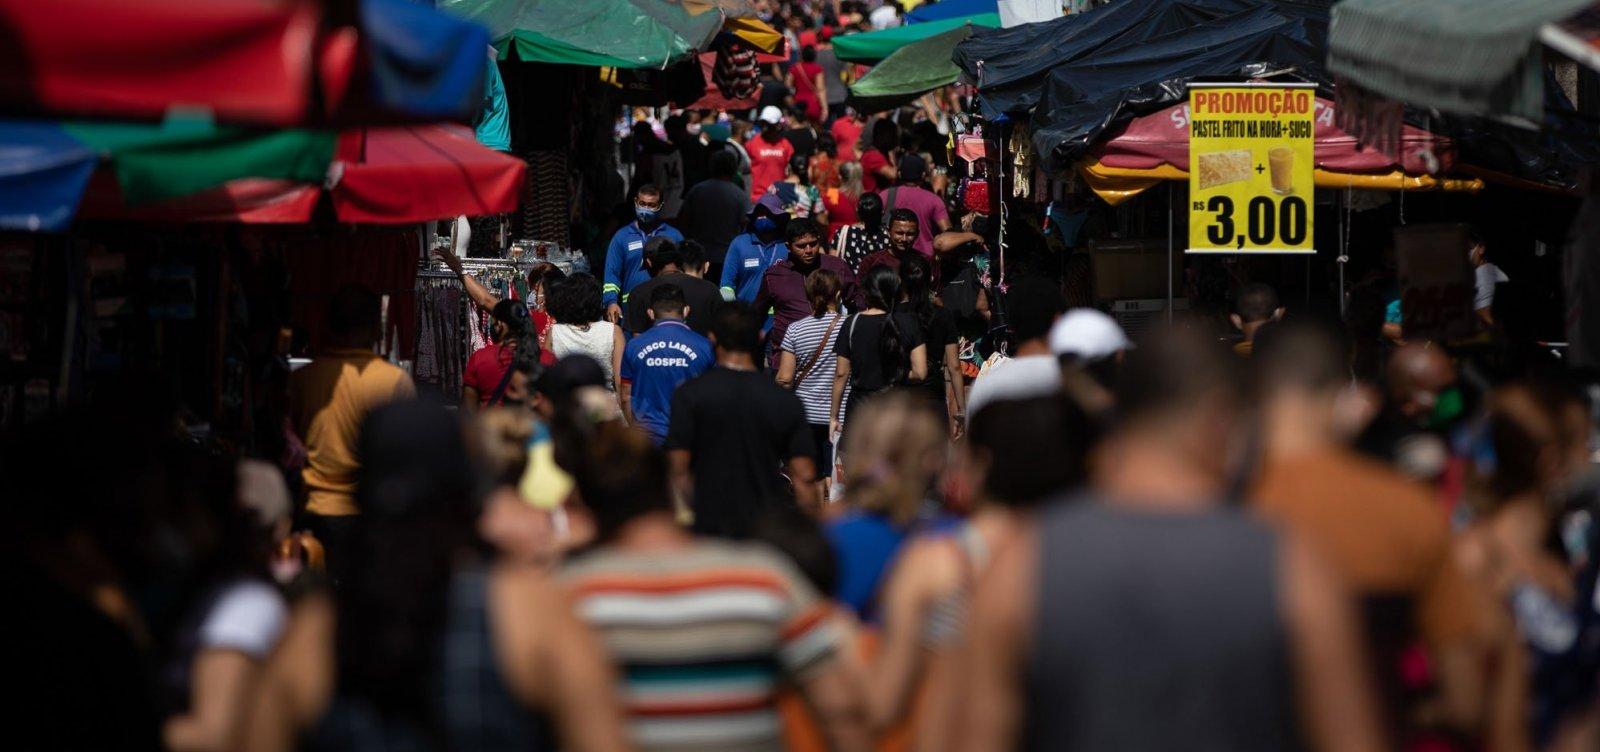 Estudo preliminar sugere que Manaus pode ter alcançado imunidade de rebanho contra a Covid-19